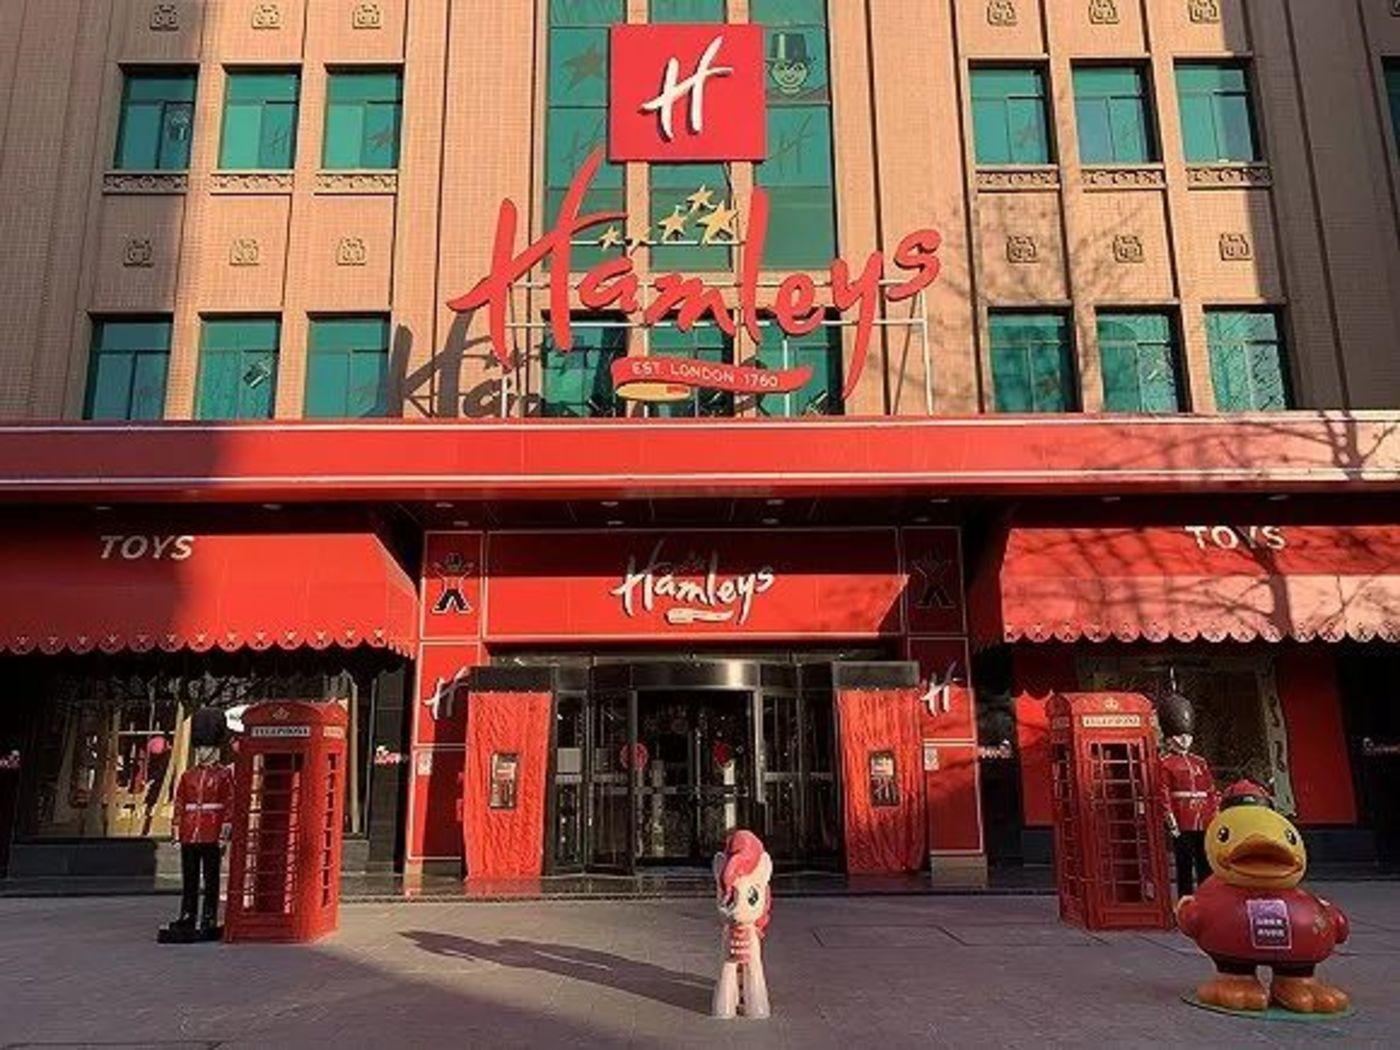 王府井大街再改造:更老北京,还是更国际化?